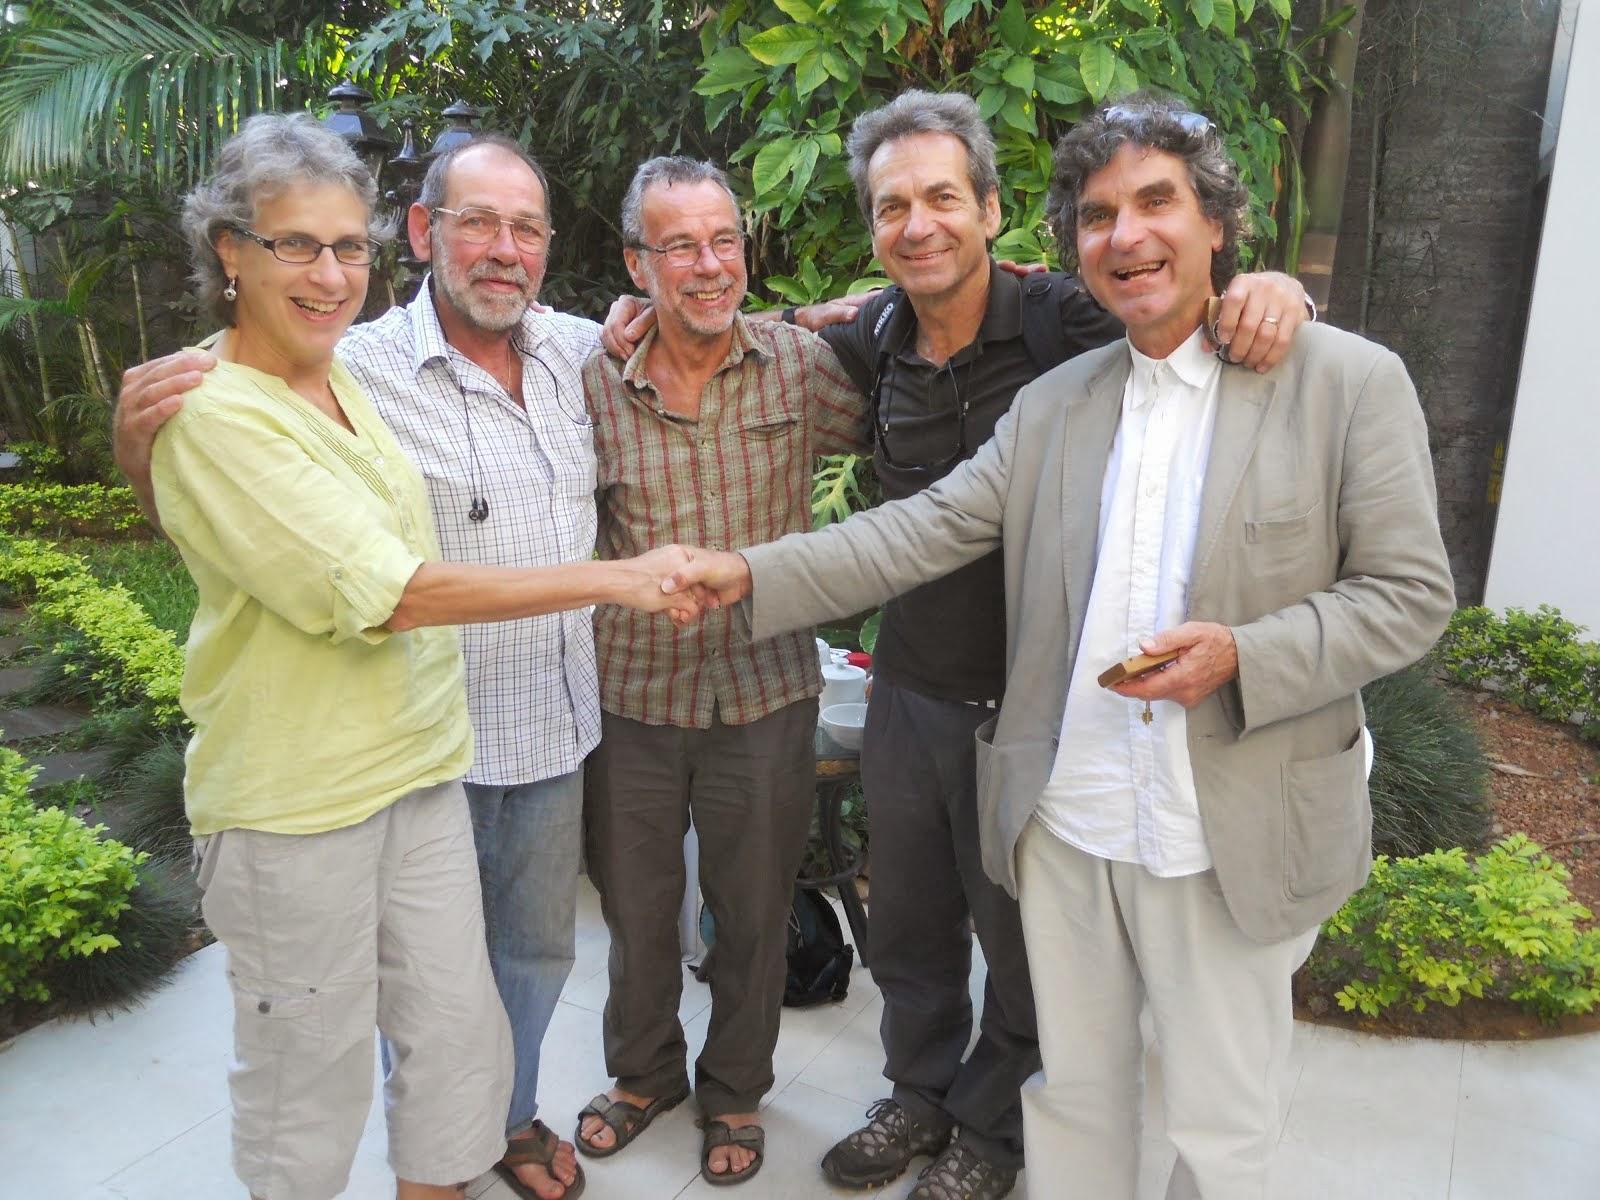 Matt and siblings, Paraguay 2012